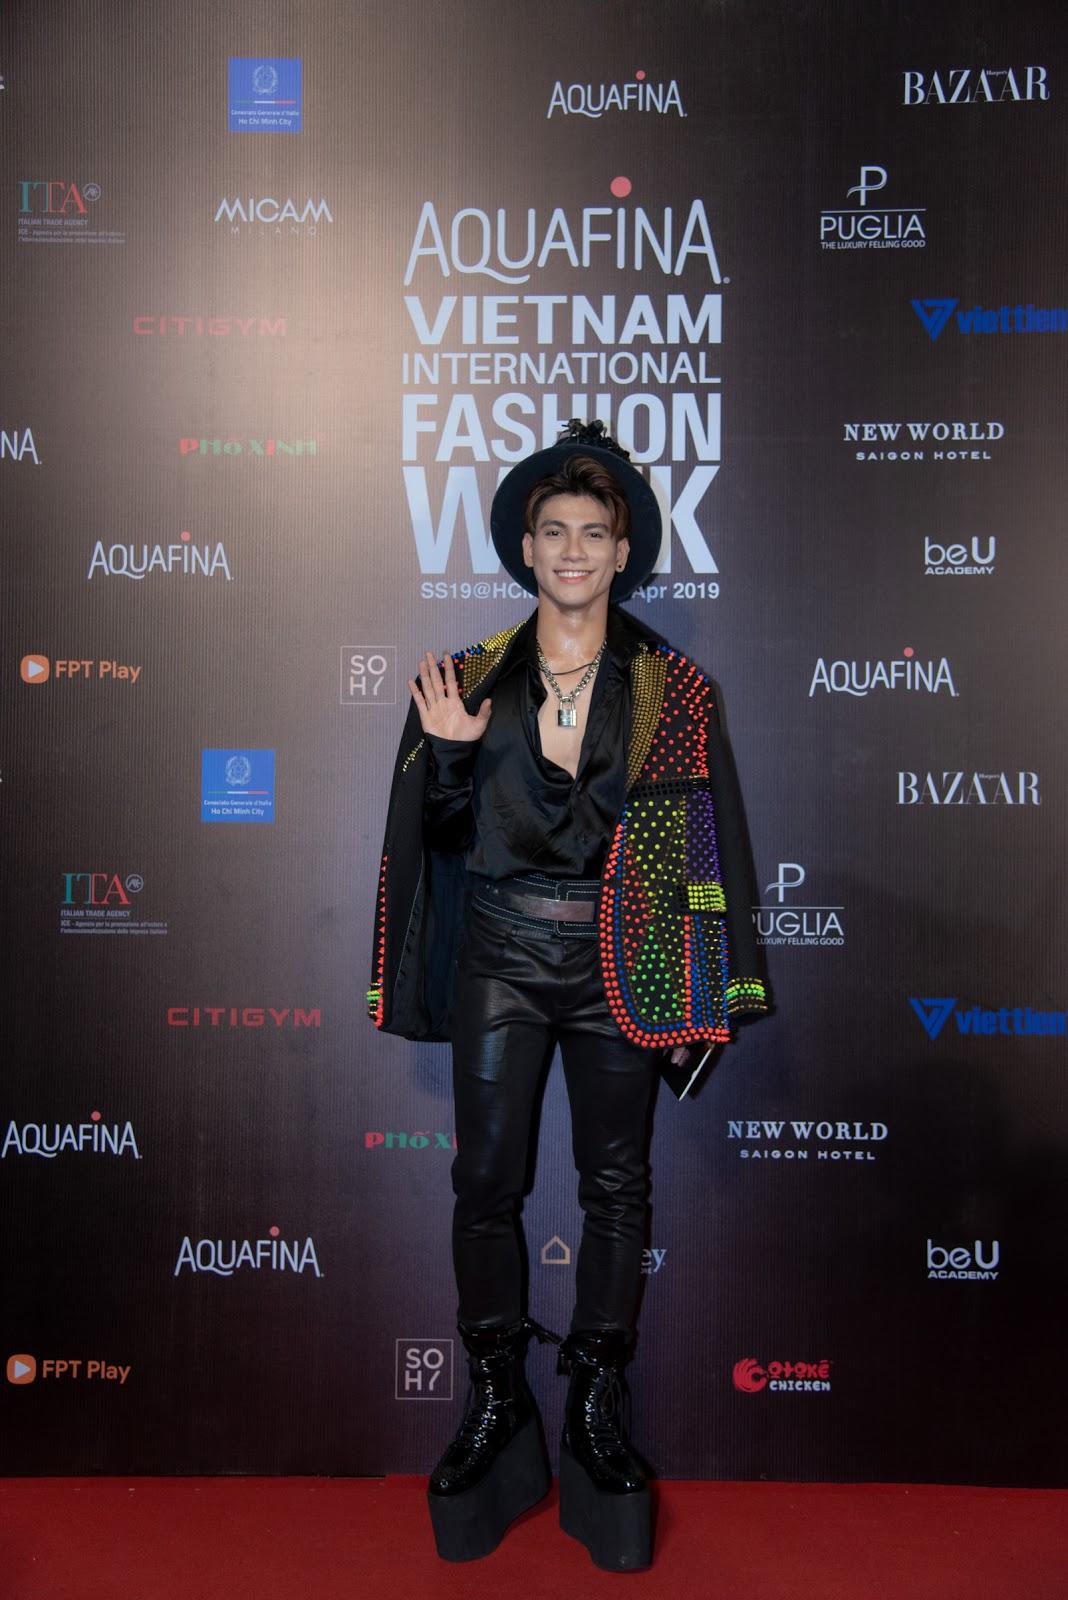 Đức Phúc mặc lạ, Thư Dung nuột nà chiếm spotlight thảm đỏ ngày cuối VNFW 2019 cùng với Trấn Thành - Hari Won - Hình 8